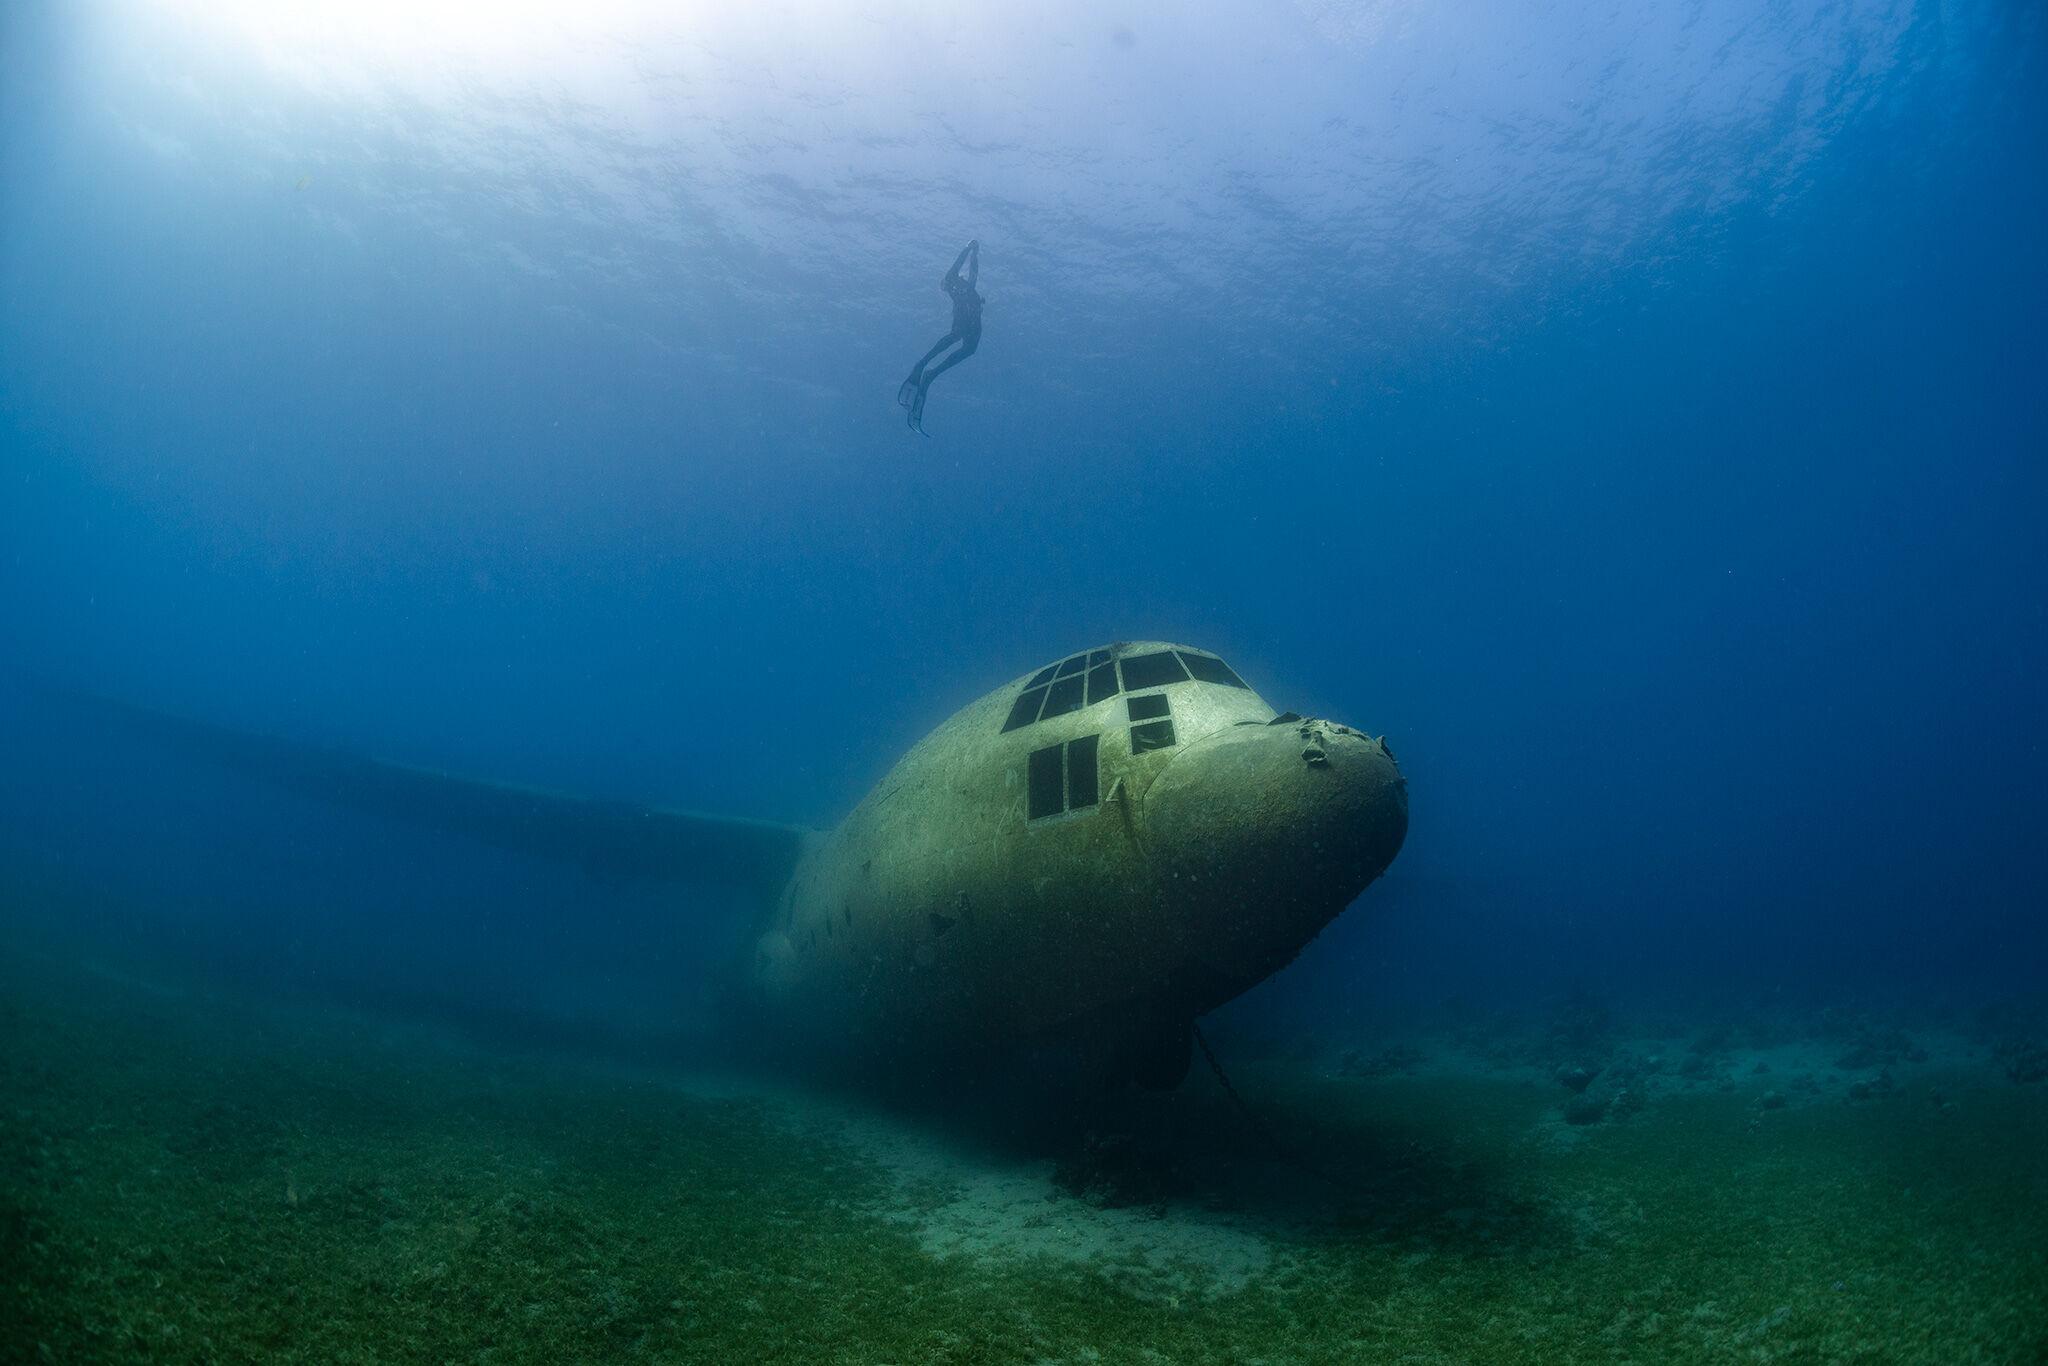 Hercules C-130 Akaba, Jordan